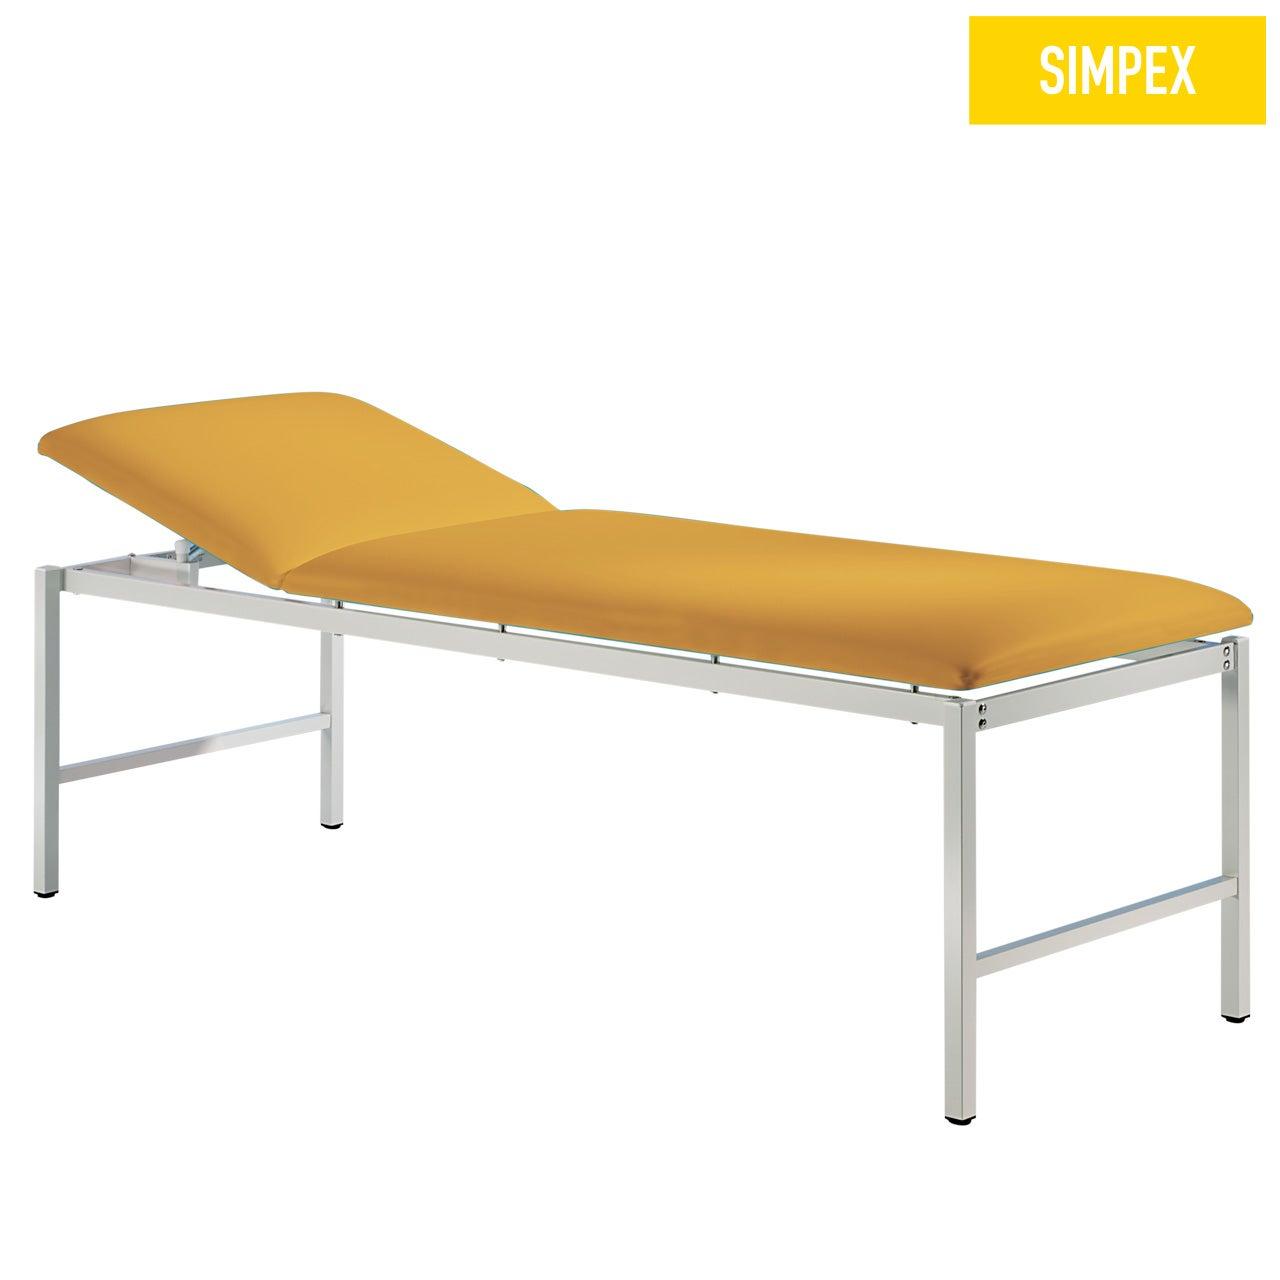 Multifunktionsliege MEDI-LUX 65 Classic XL mit Kunstleder in gelb (mais) und einem Gestell aus Stahl grauweiß gepulvert von SIMPEX